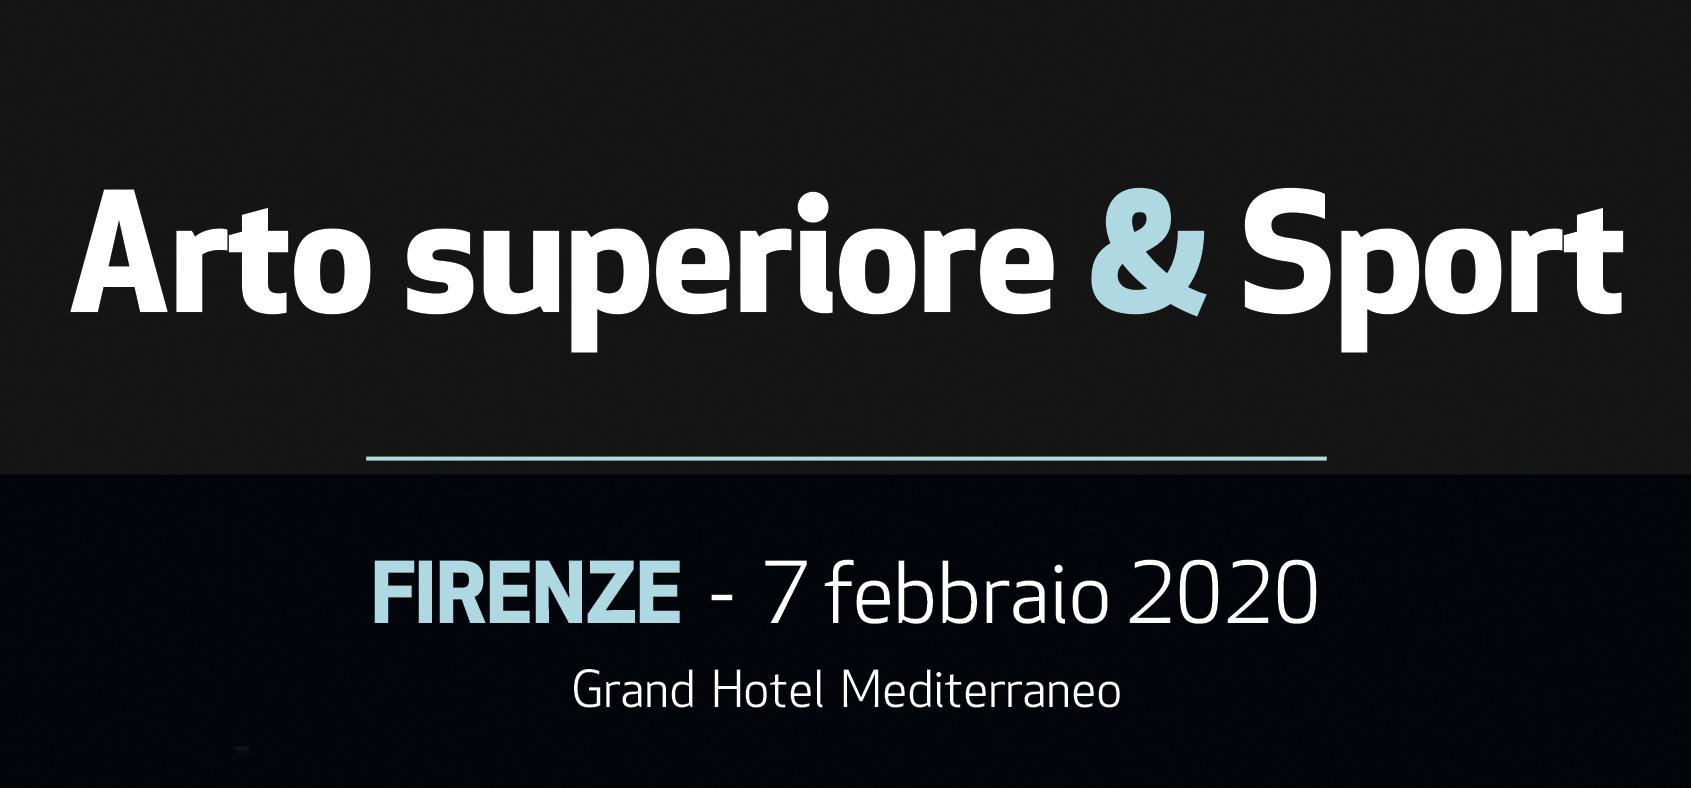 ARTO Superiore & Sport